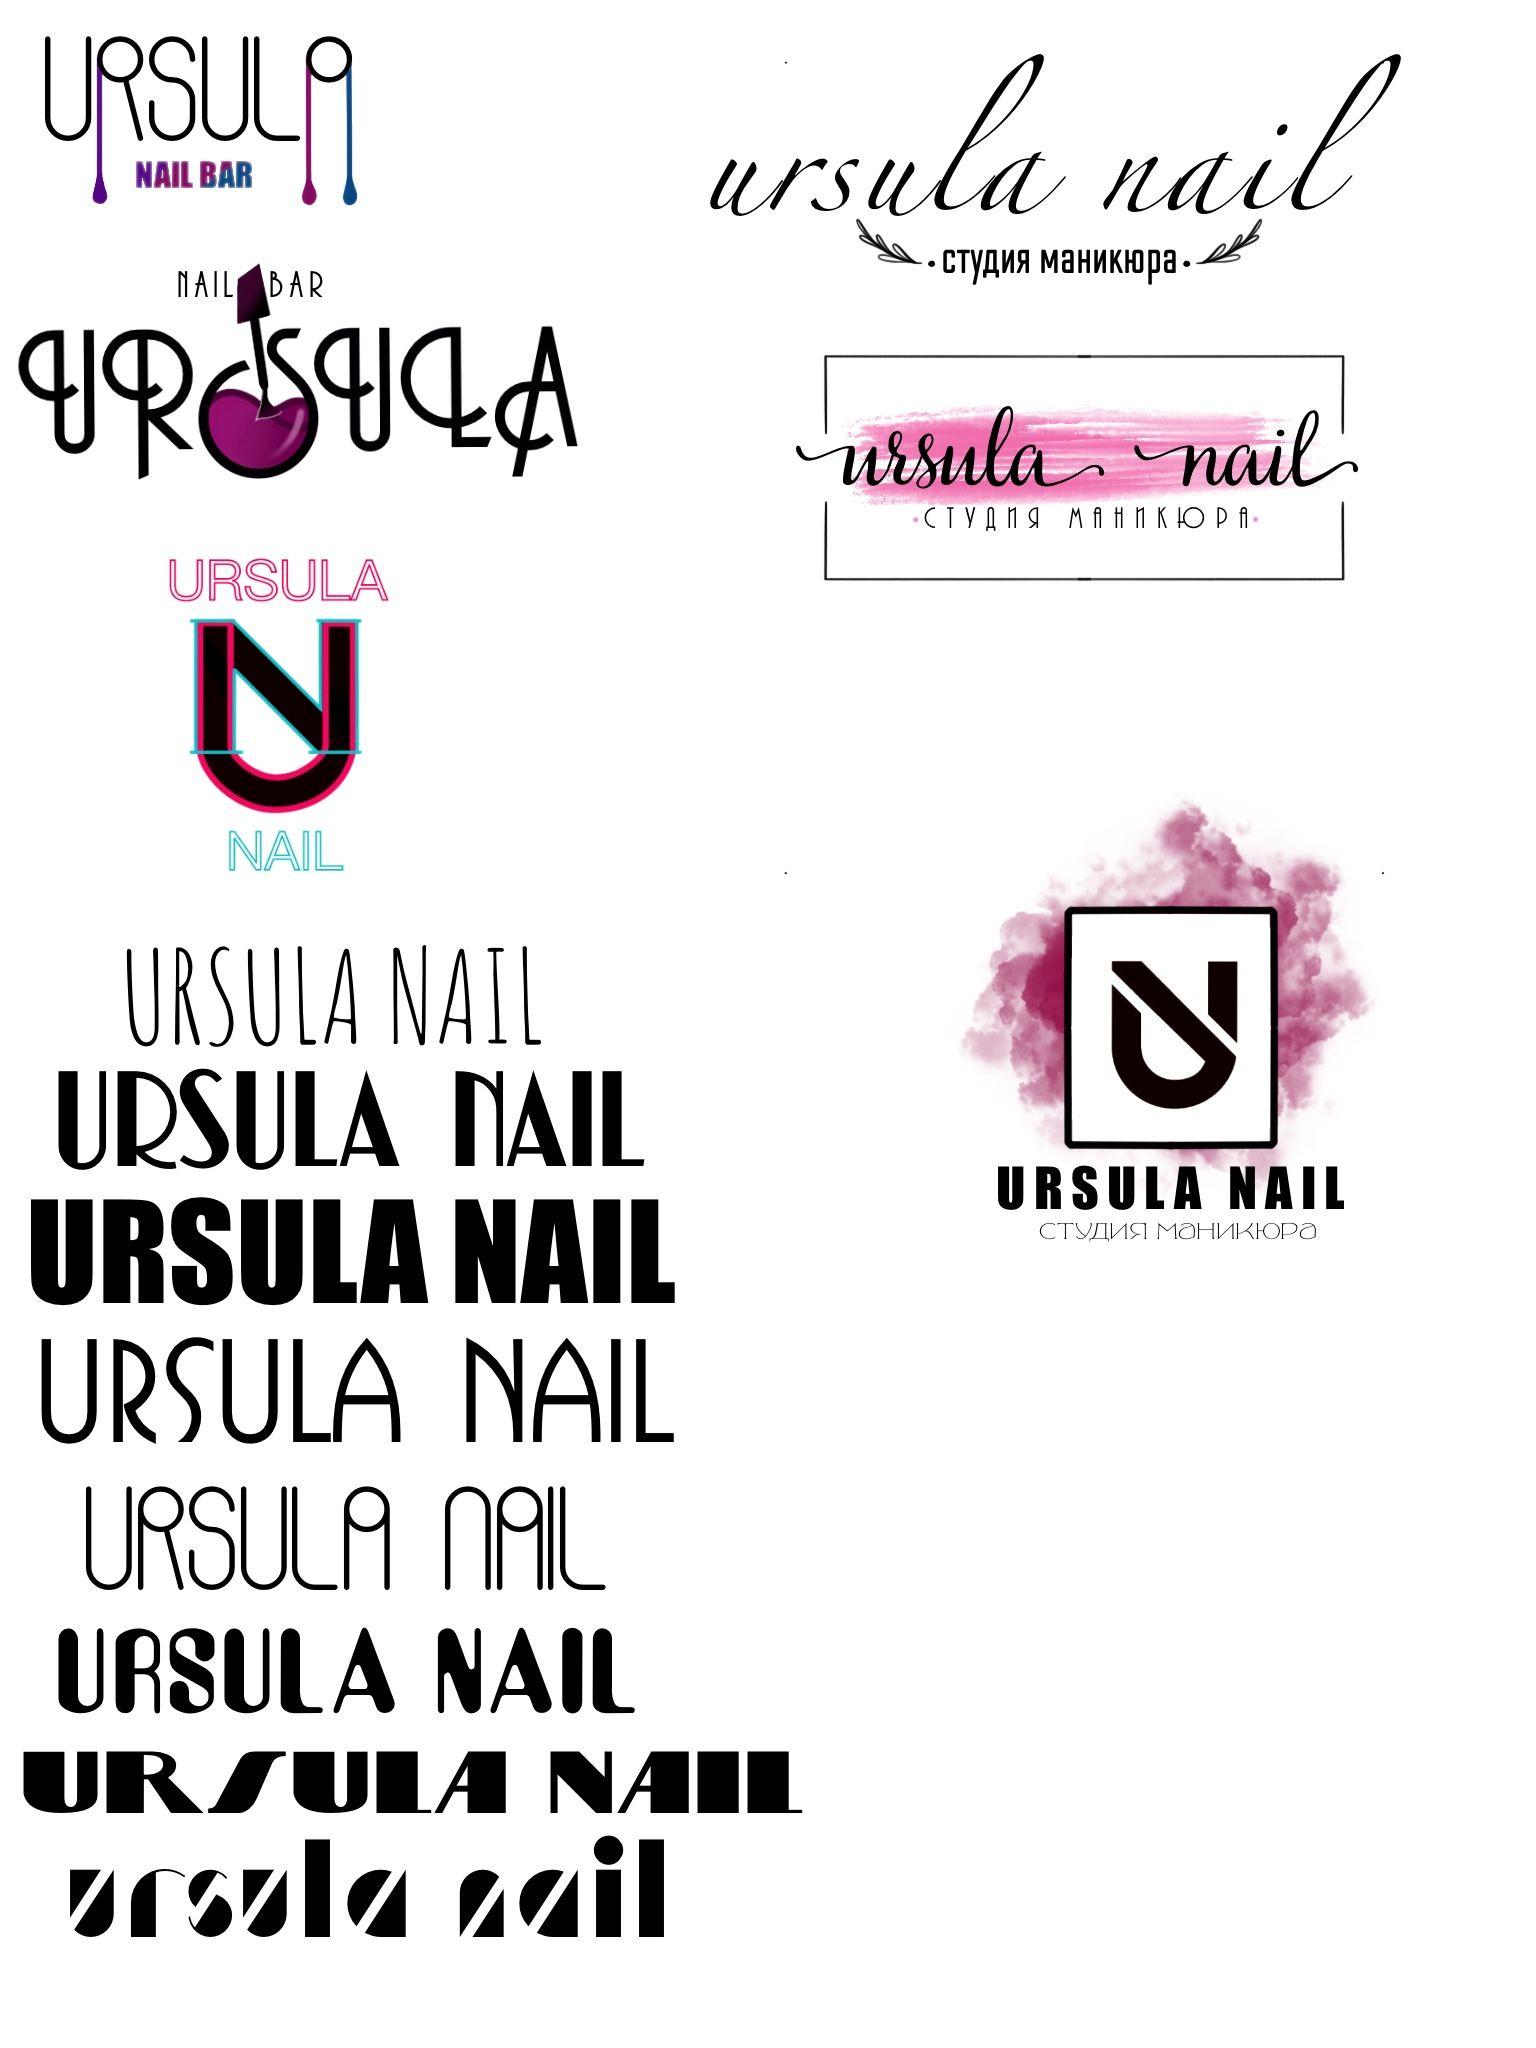 #UNika #логотип #мойпин #рисунки #идеи #nail #nailstudio #ногти #logo #вдохновение #первыеработы #лого #попарт #арт #art #popart #логтипназаказ #наклейки #стикер #стикеры #шауroom #логотипы #значки #знак #черновик